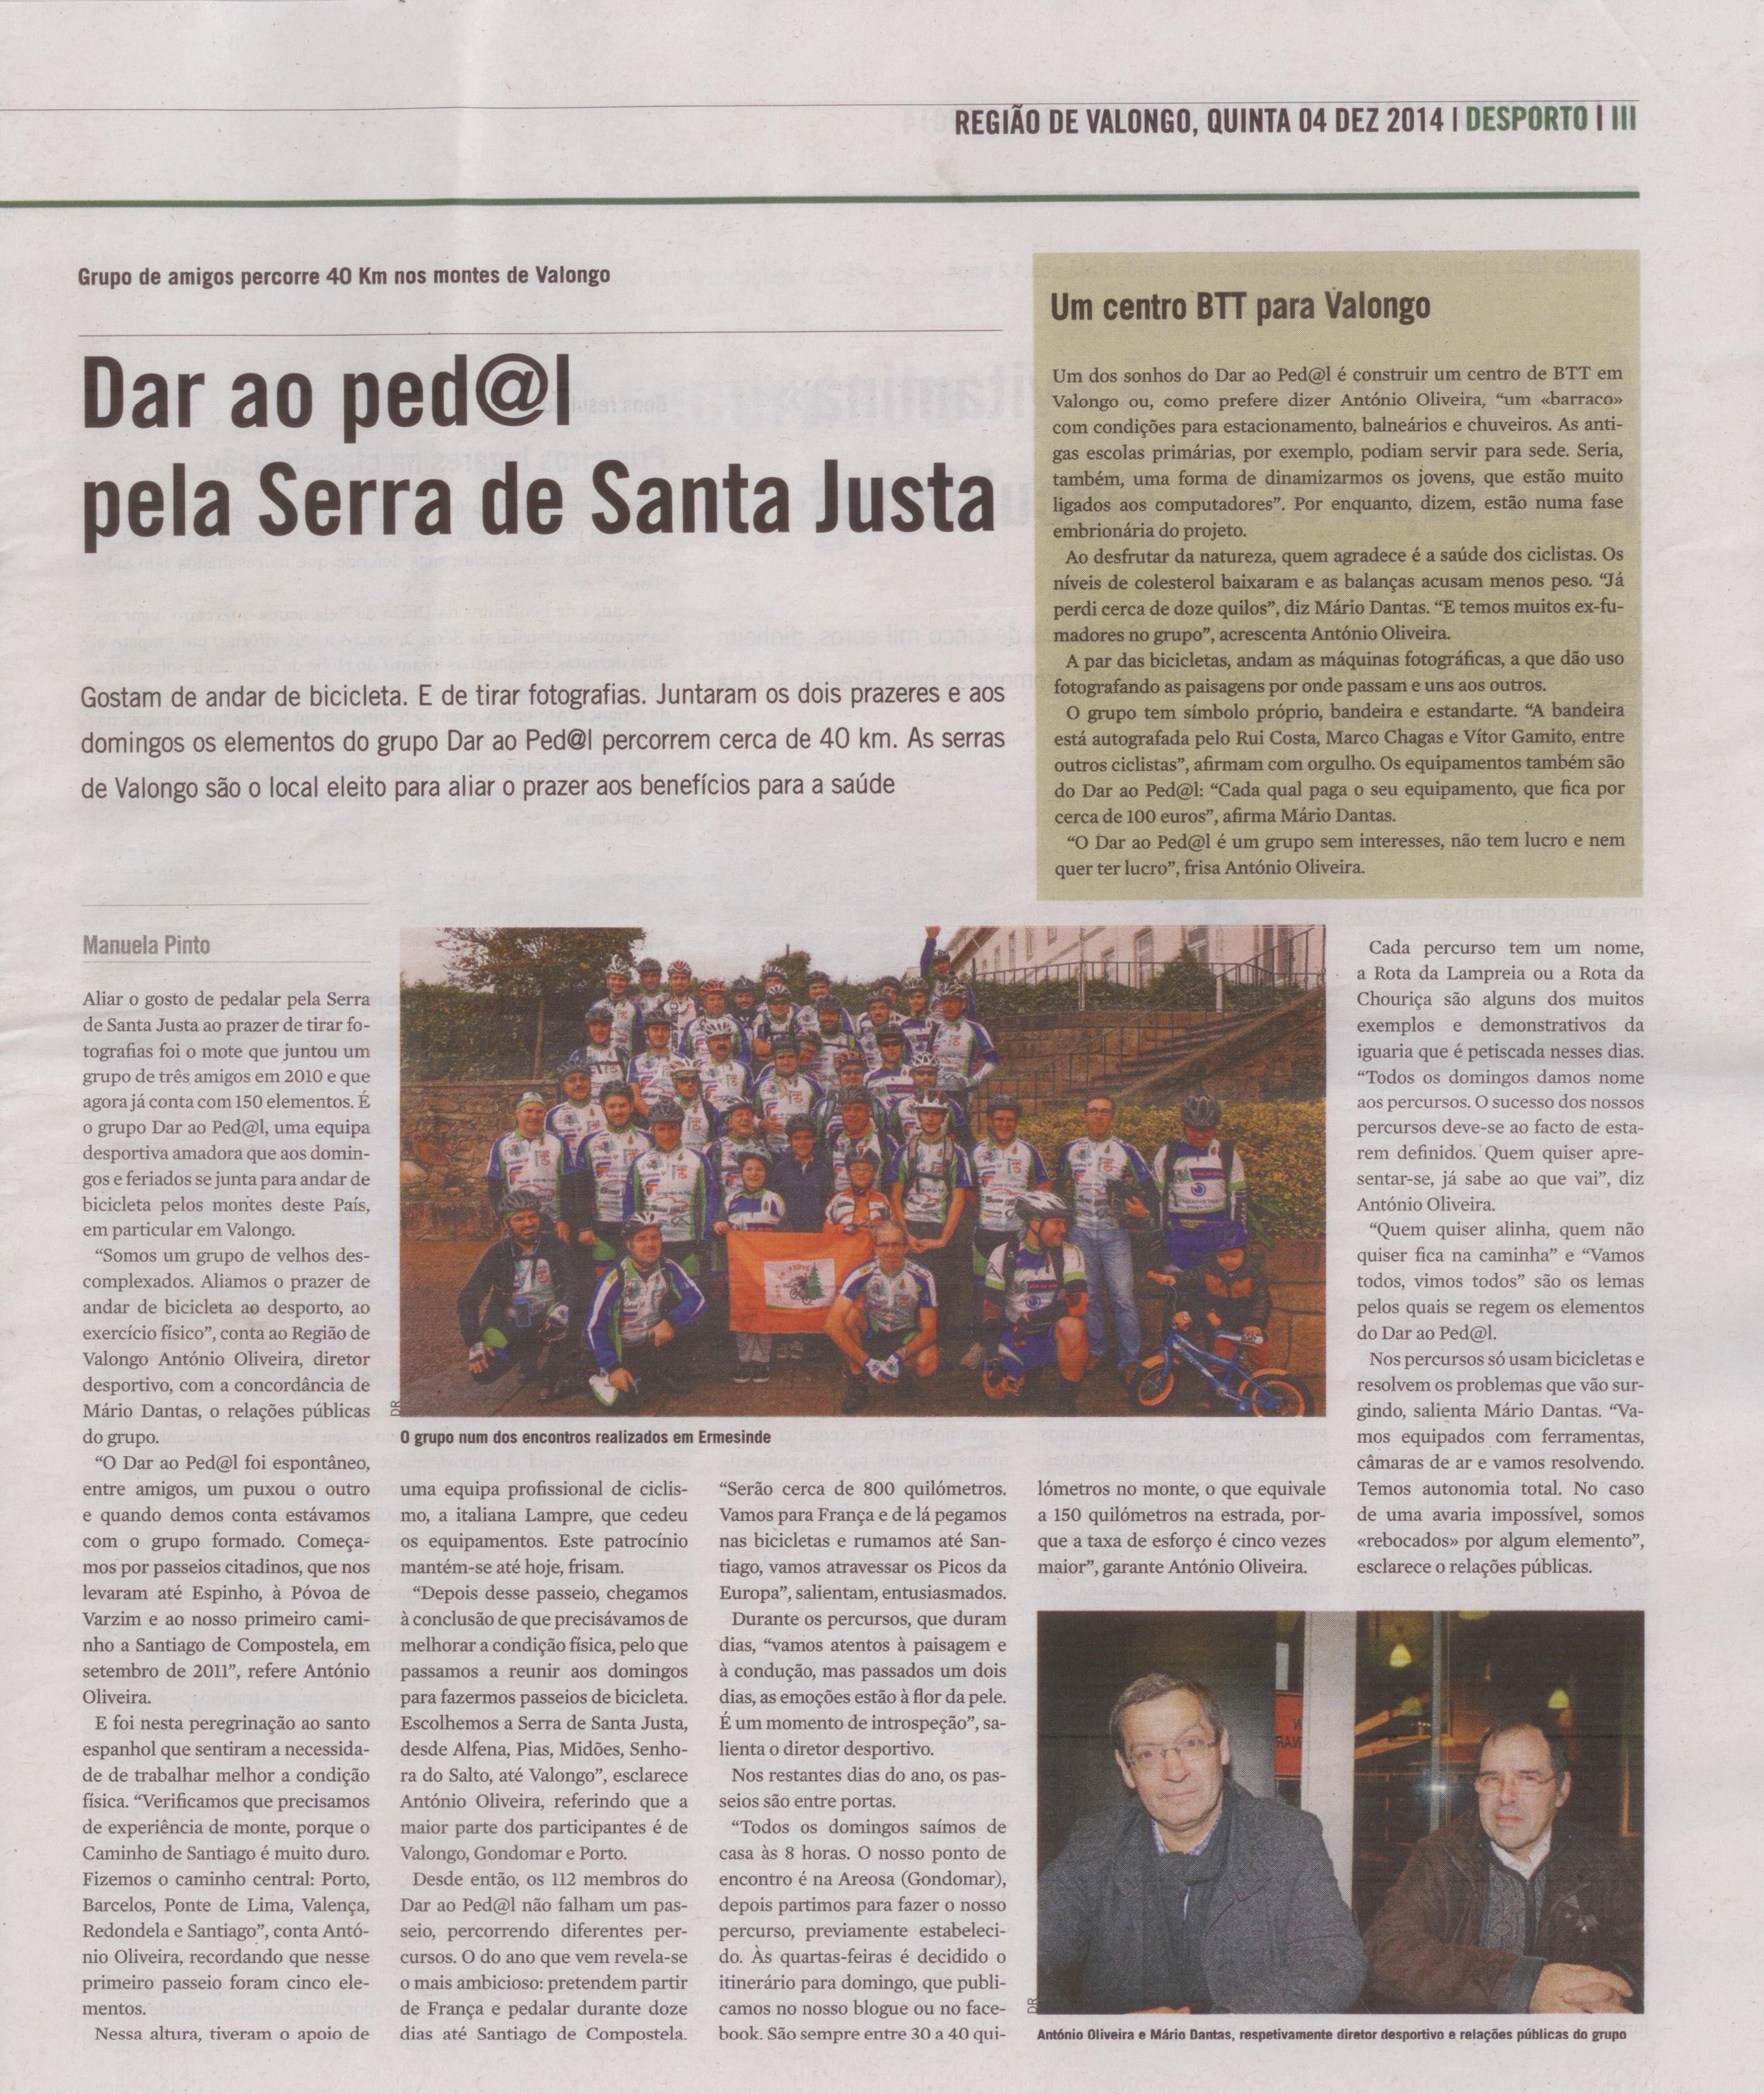 Jornal Região de Valongo, artigo publicado em 04.12.2014